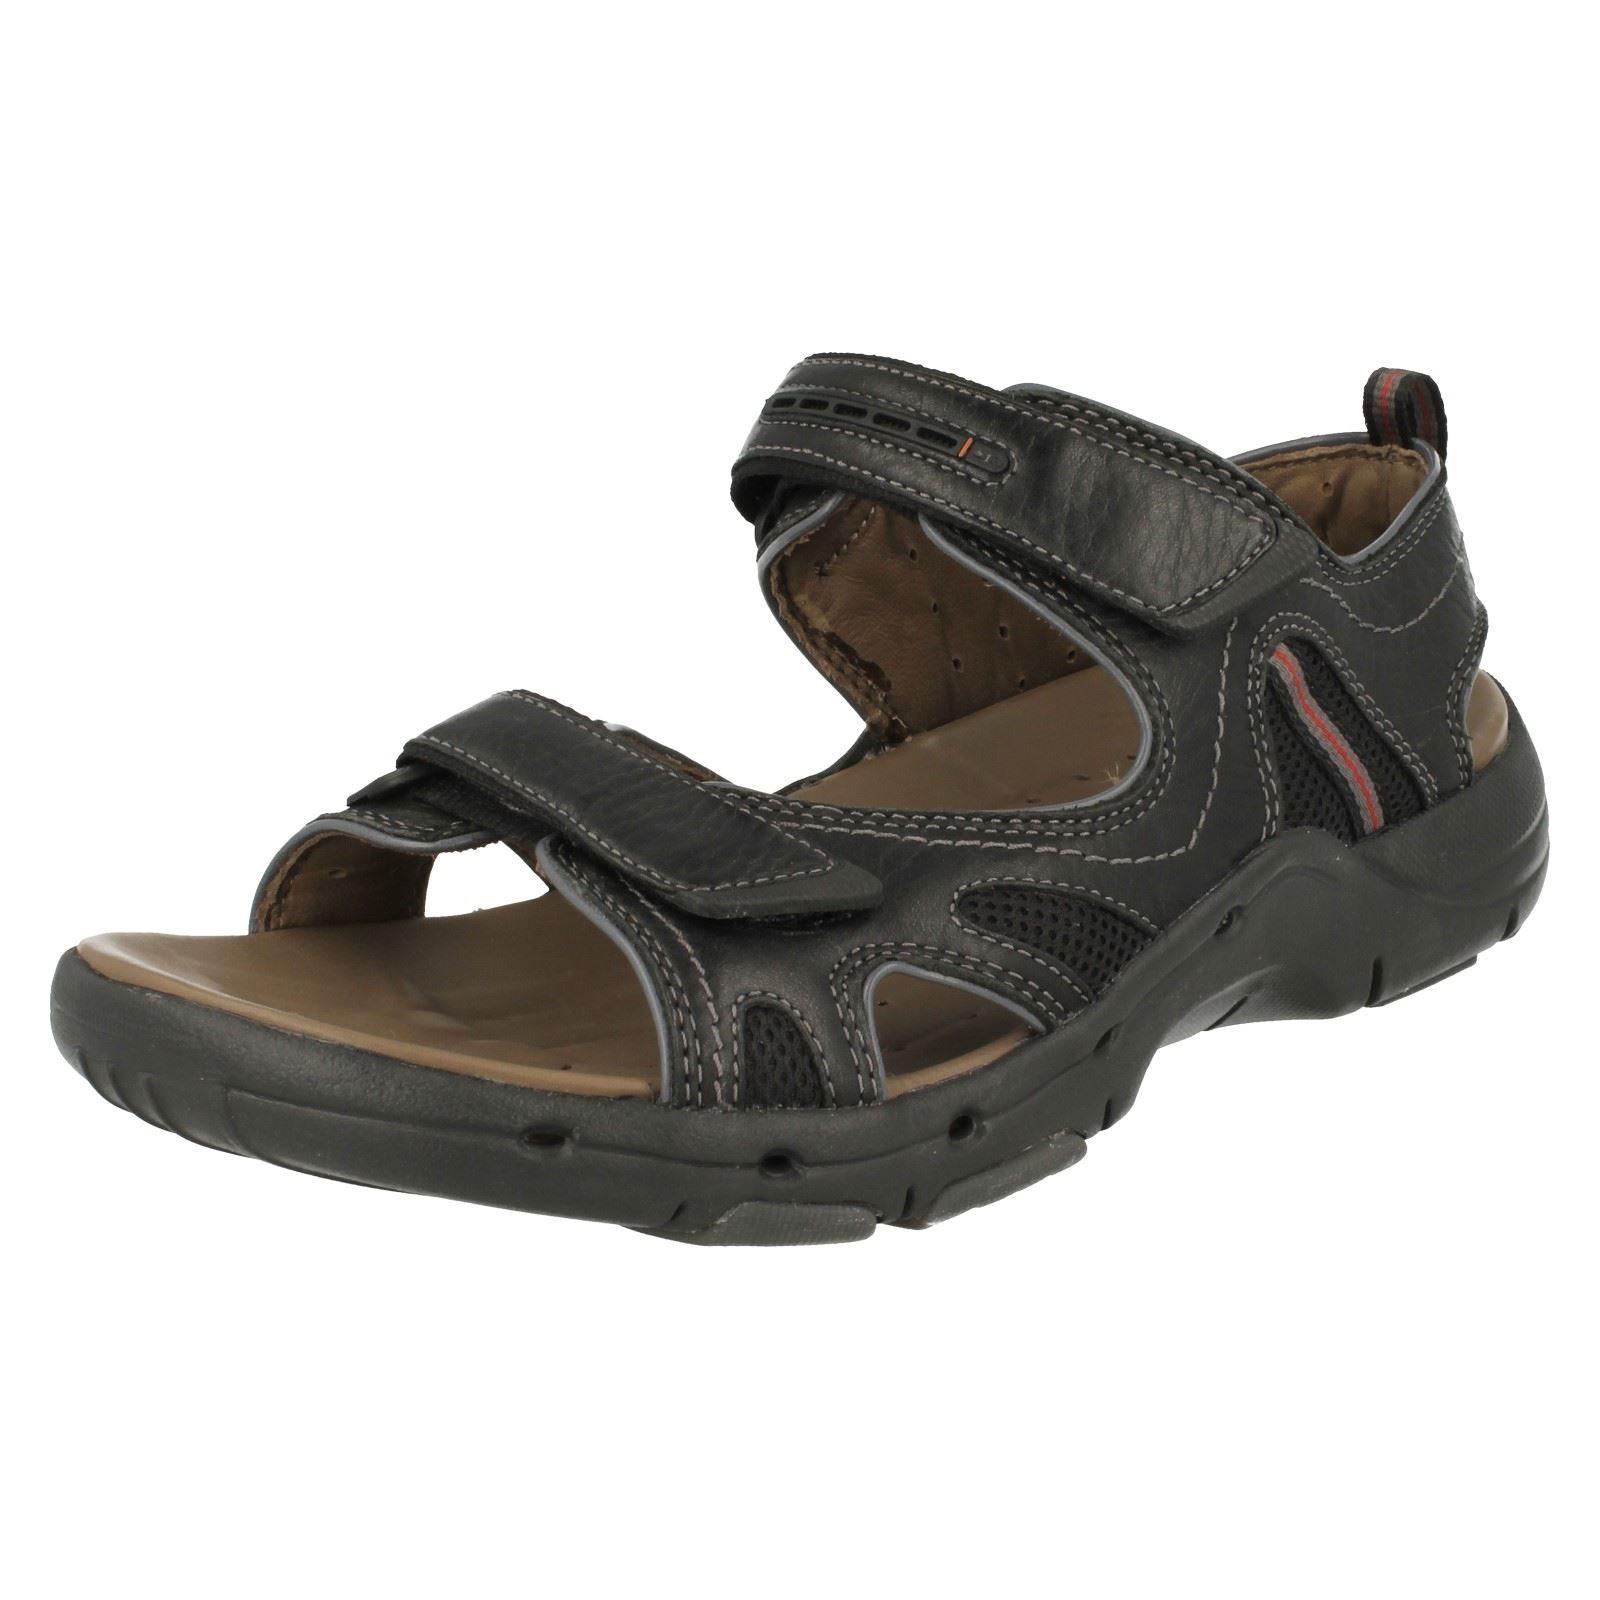 mens clarks leather velcro unstructured sandals un reach